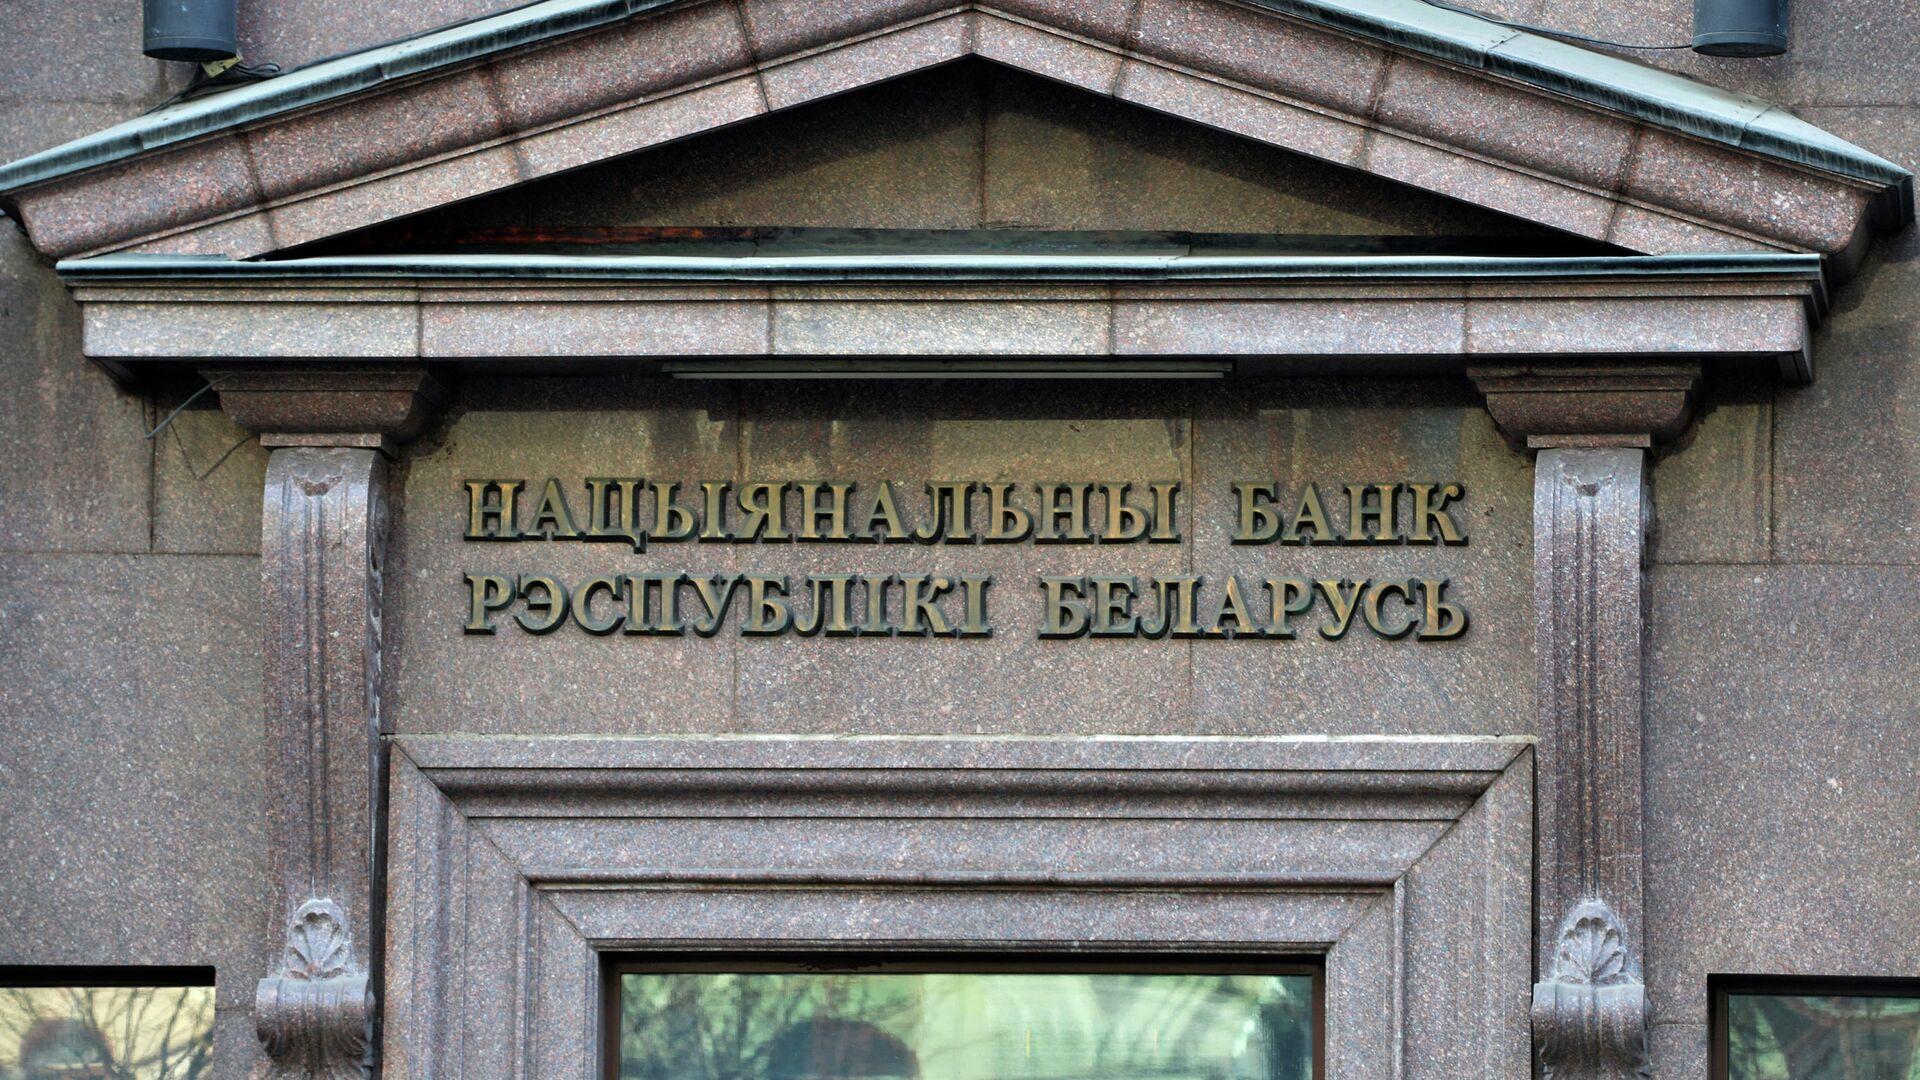 Национальный банк Беларуси - Sputnik Беларусь, 1920, 17.09.2021